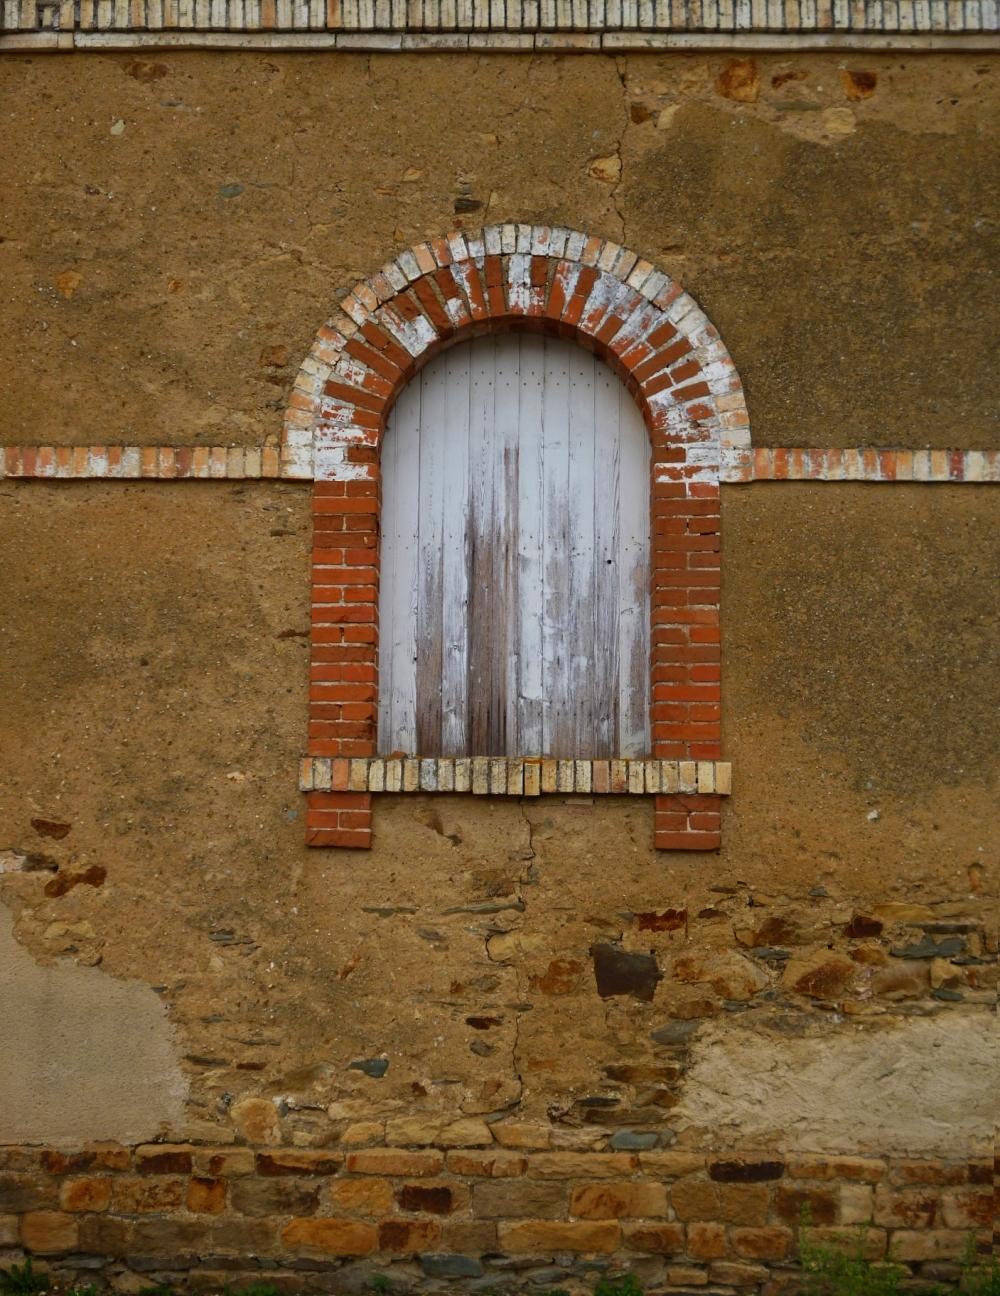 Une arcade de vieilles briques rayonne en lune